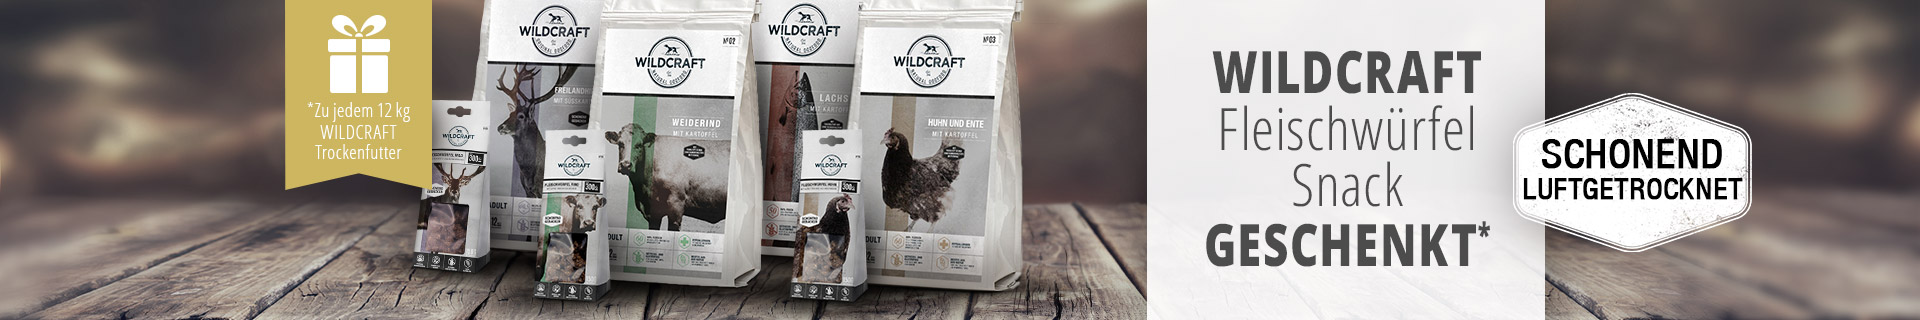 Wildcraft Aktion - 12kg Trockenfuttersack kaufen und Hundesnack Fleischwürfel gratis dazu erhalten